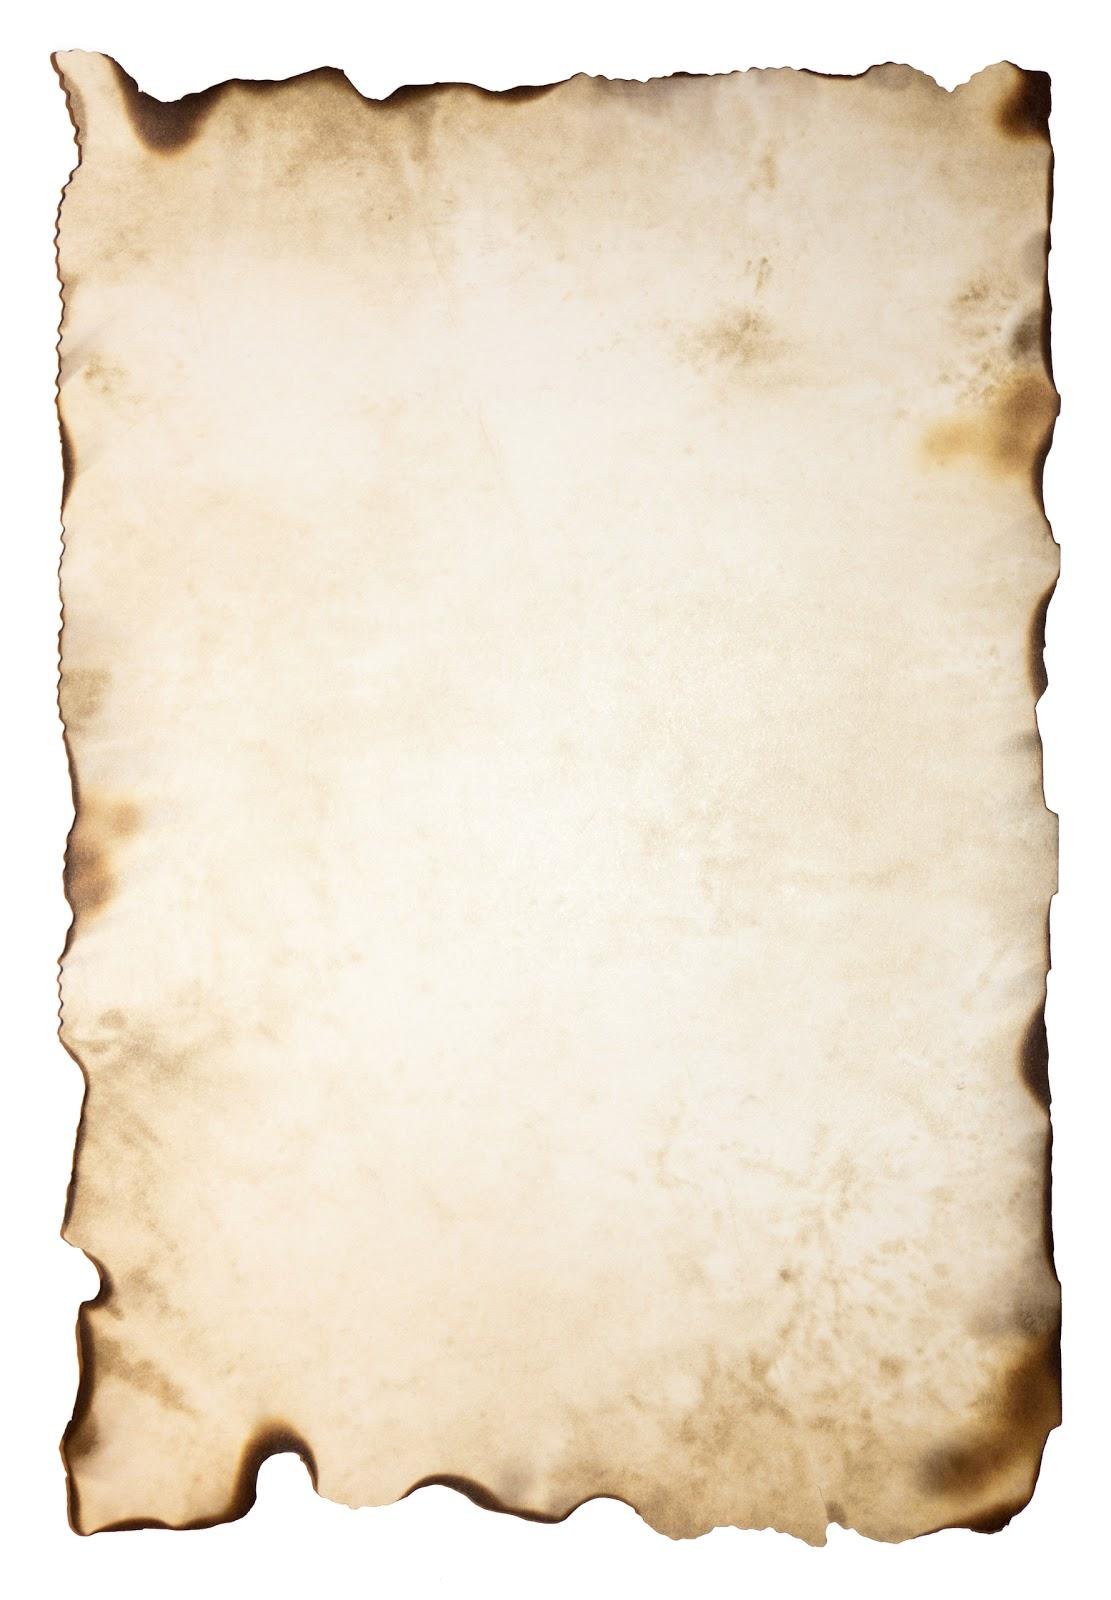 perkament papier achtergrond Quotes